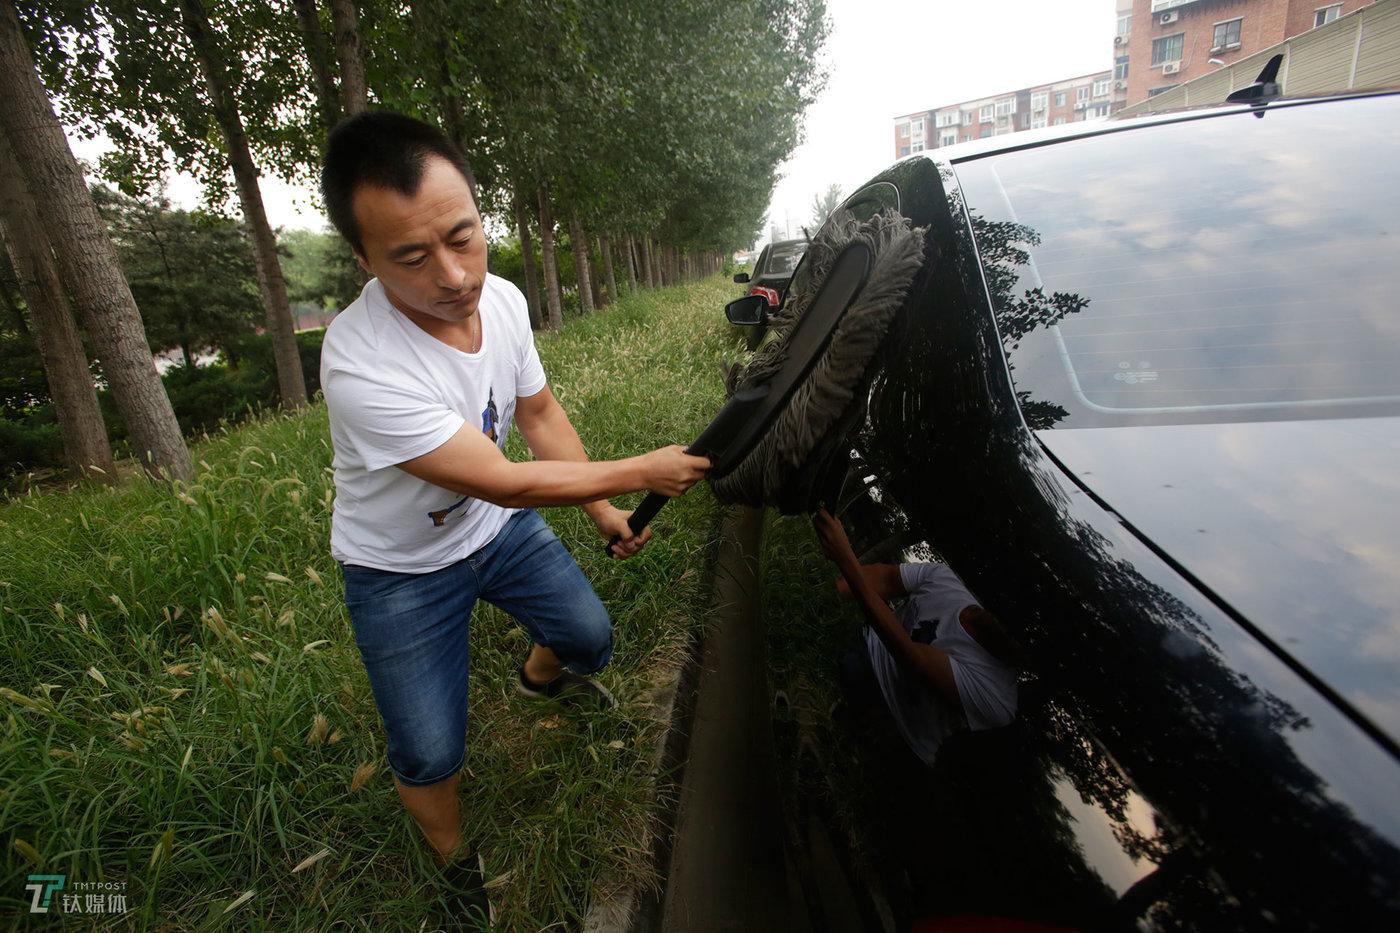 8月28日早上06:30,北京首都国际机场T3附近,网约车司机钟辰(化名)在擦拭车辆,他完成了这天的第一个送机订单。钟辰是某家在线旅游平台的网约车司机,专门从事接送机服务。